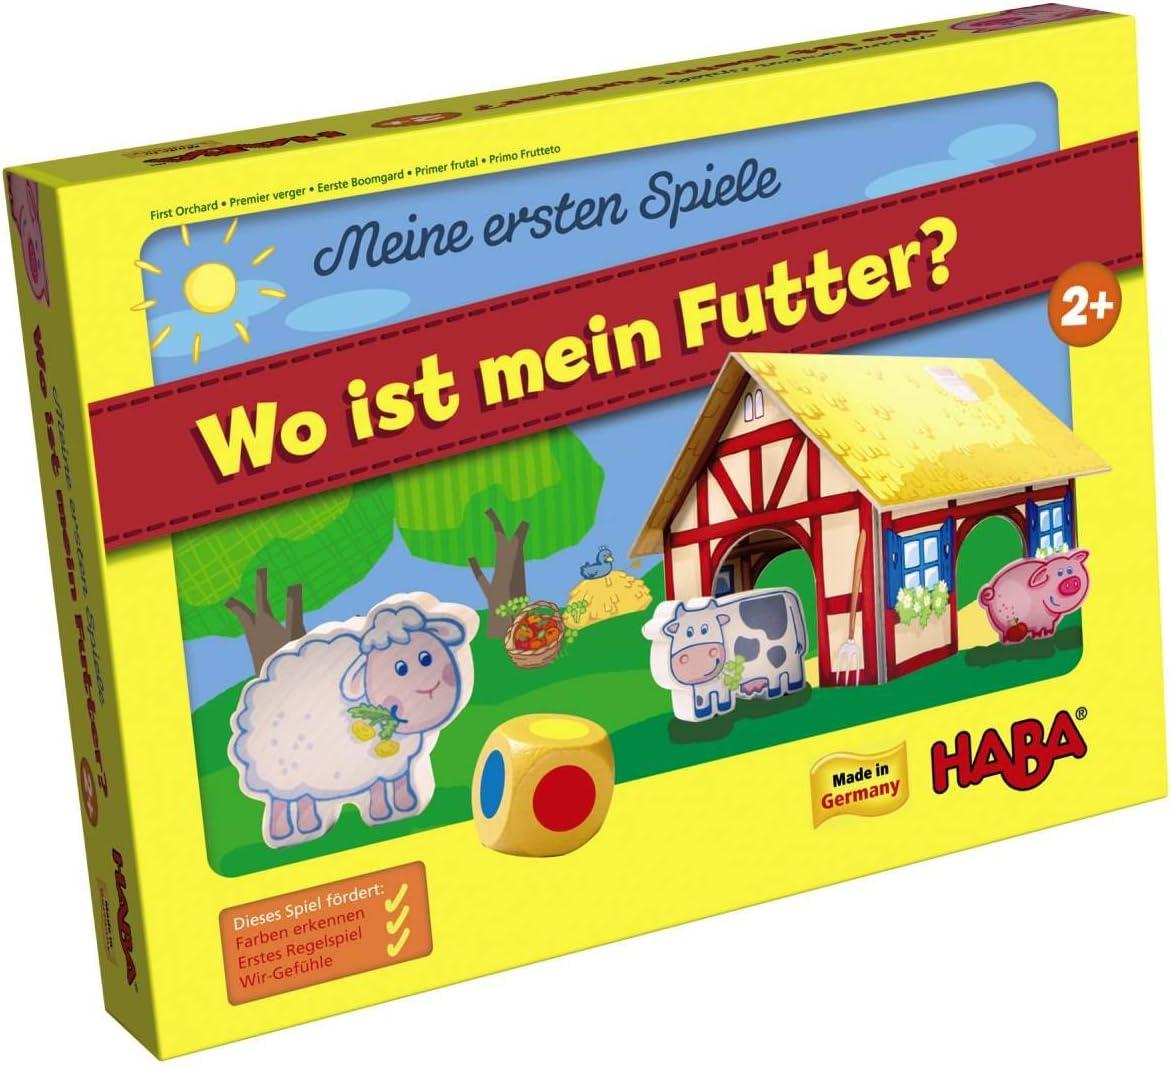 HABA 4679 Wo ist Mein Futter? - Juego Infantil sobre la Granja (en alemán): Amazon.es: Juguetes y juegos